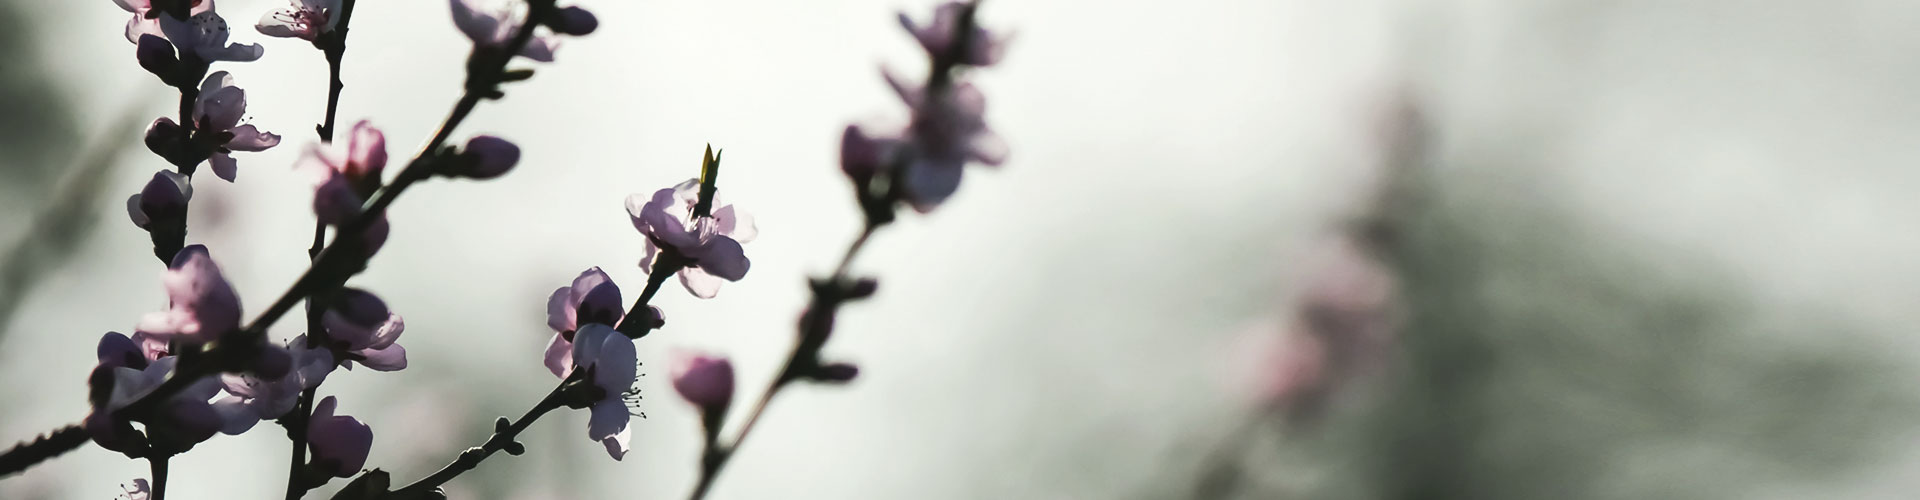 Nahaufnahme einer Pflanze vor einem grauen Himmel